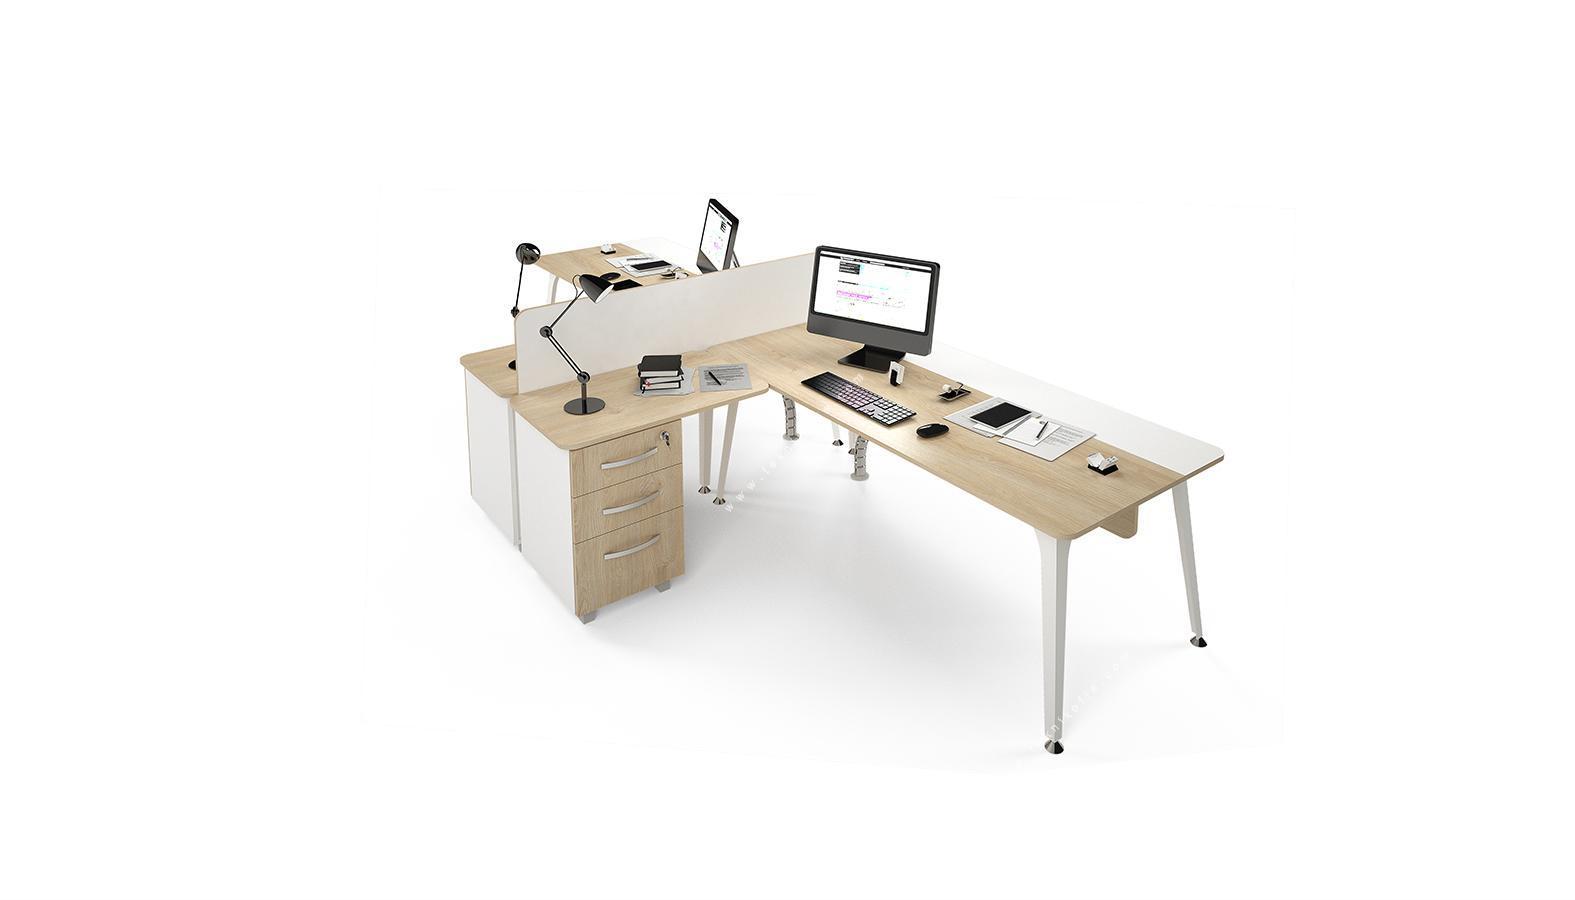 centrawork melamin seperatörlü ikili çalışma masası 362cm